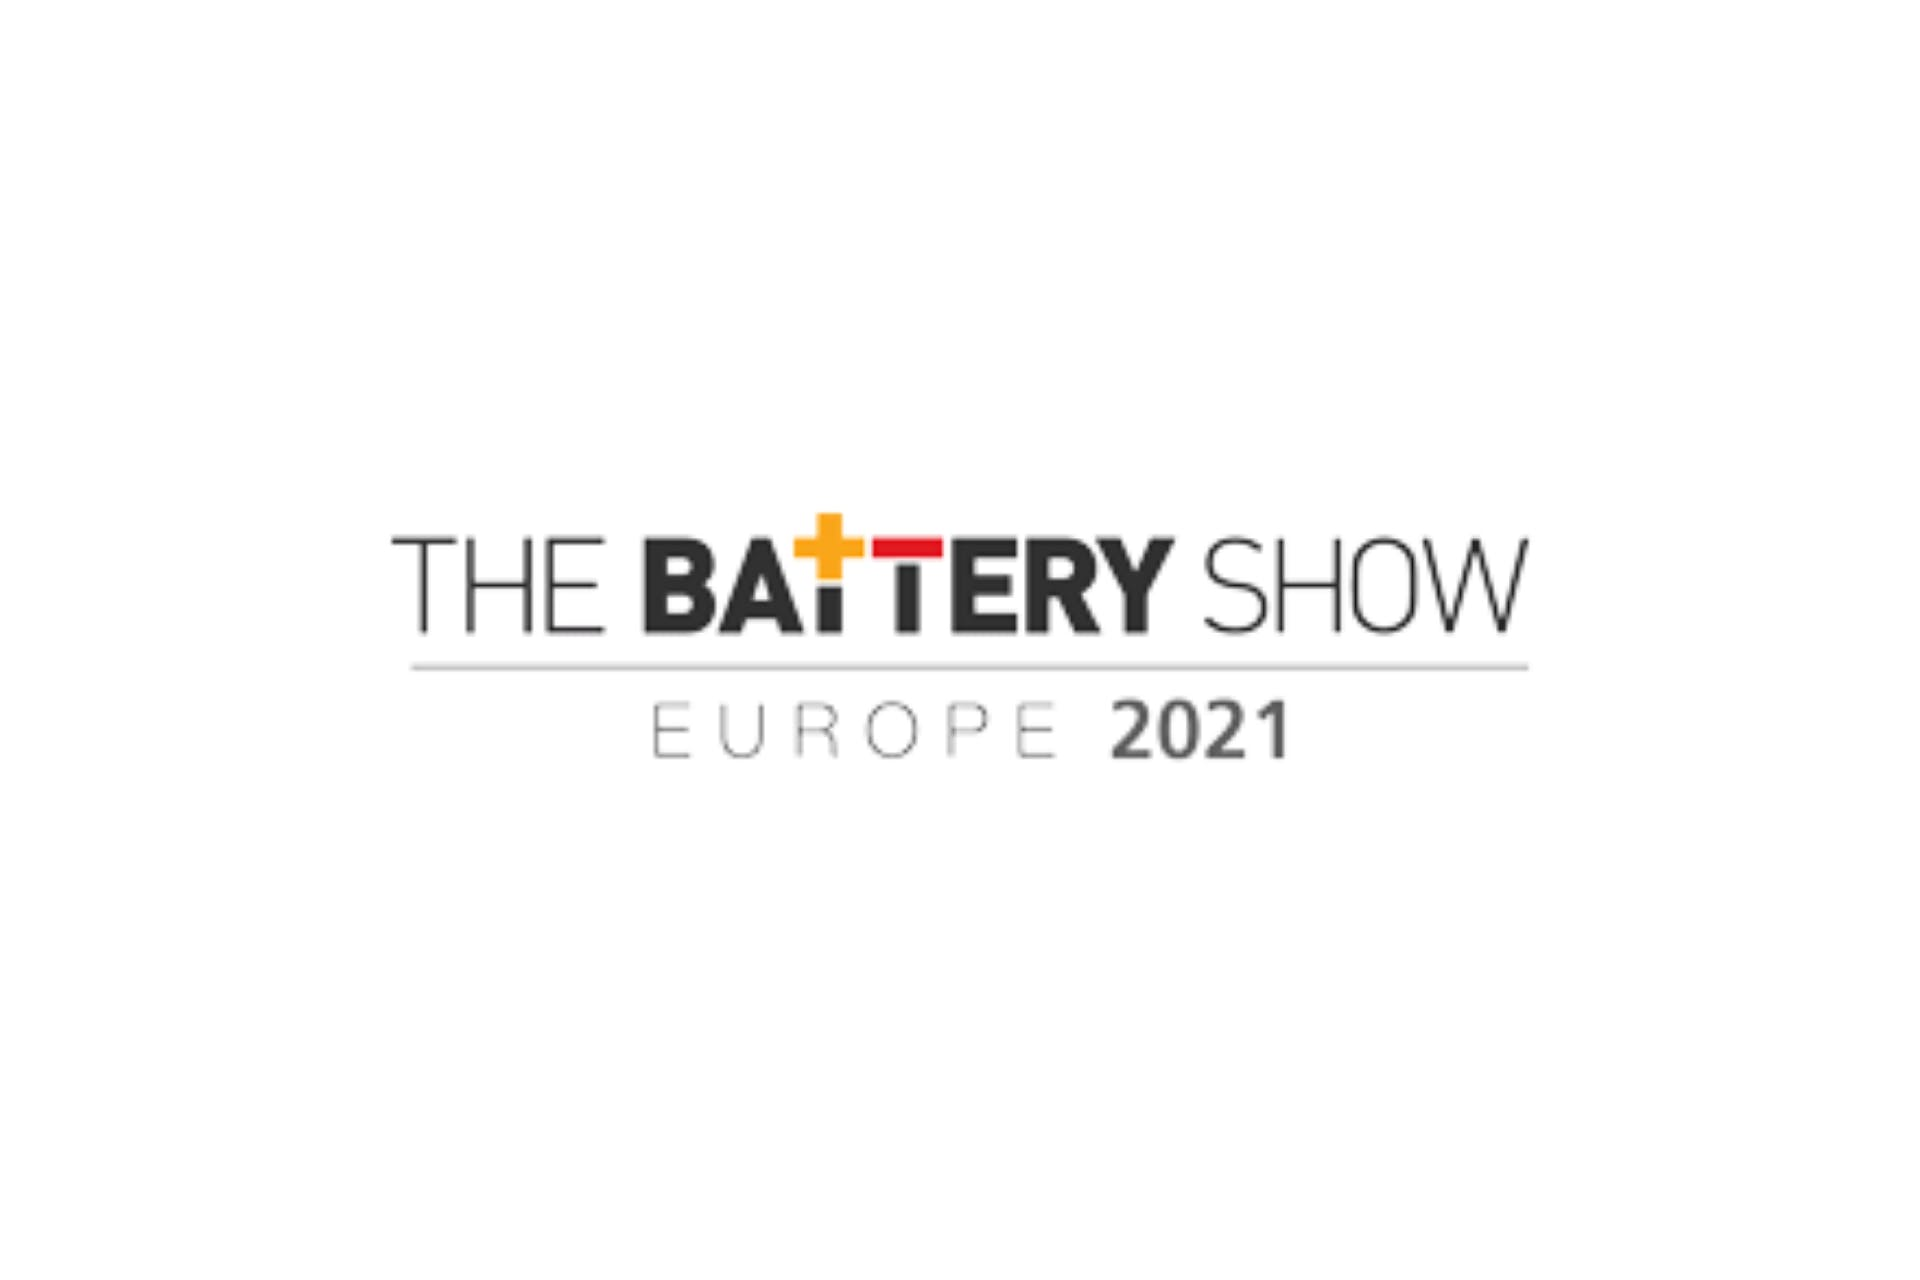 معرض البطاريات أوروبا